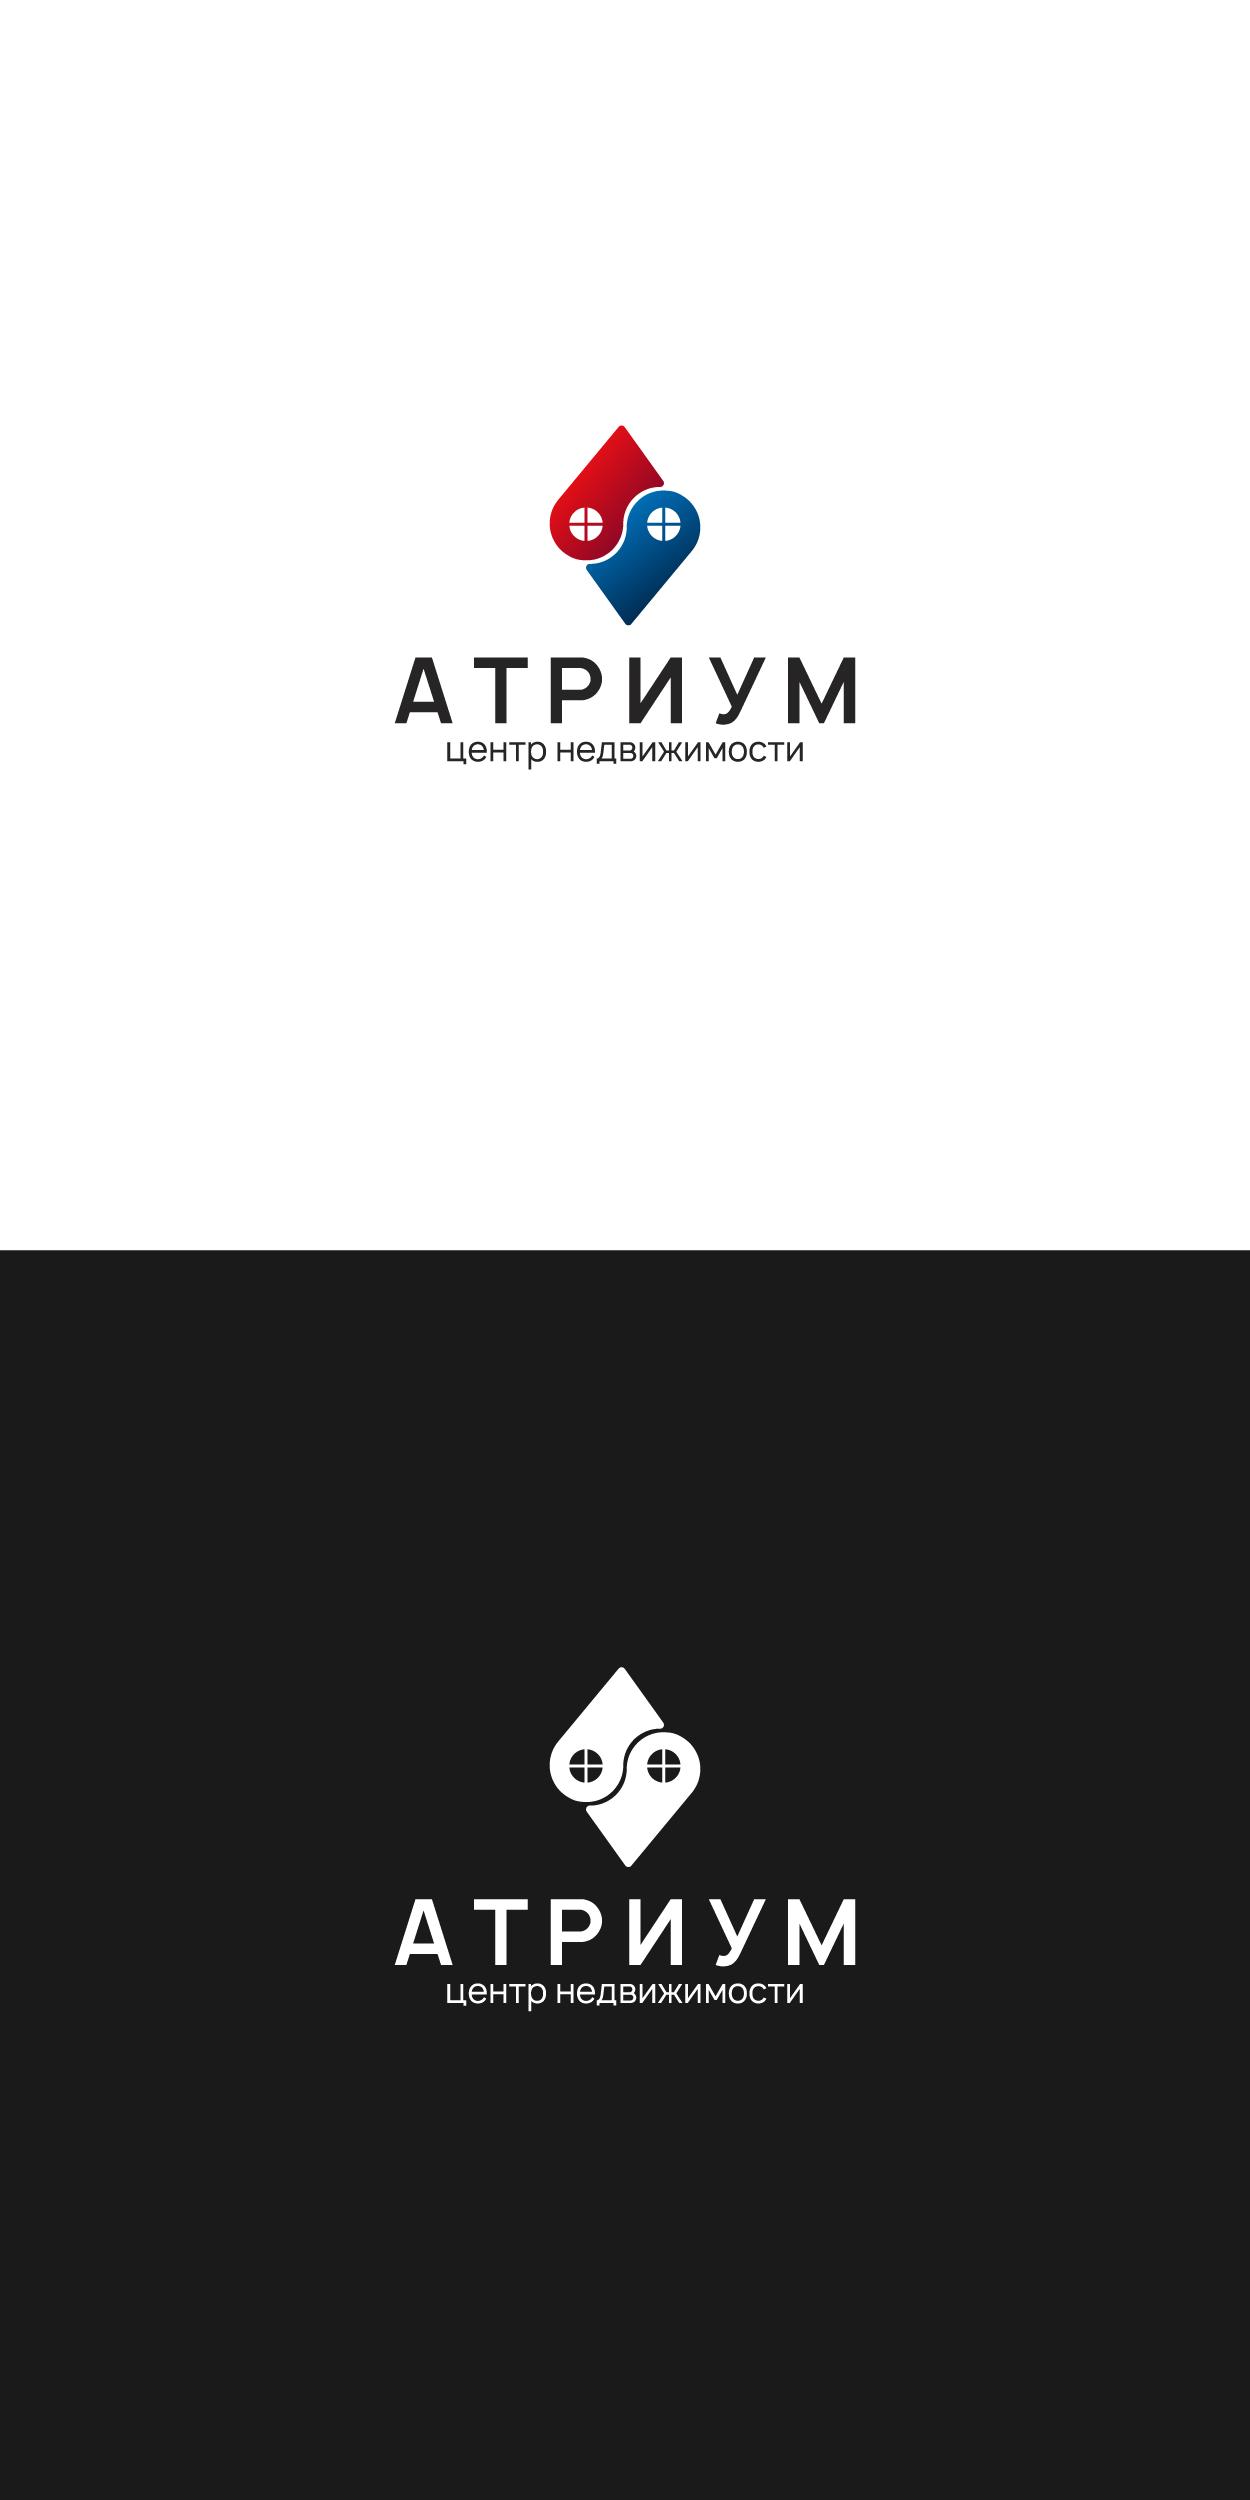 Редизайн / модернизация логотипа Центра недвижимости фото f_4465bcf4fcbada77.jpg